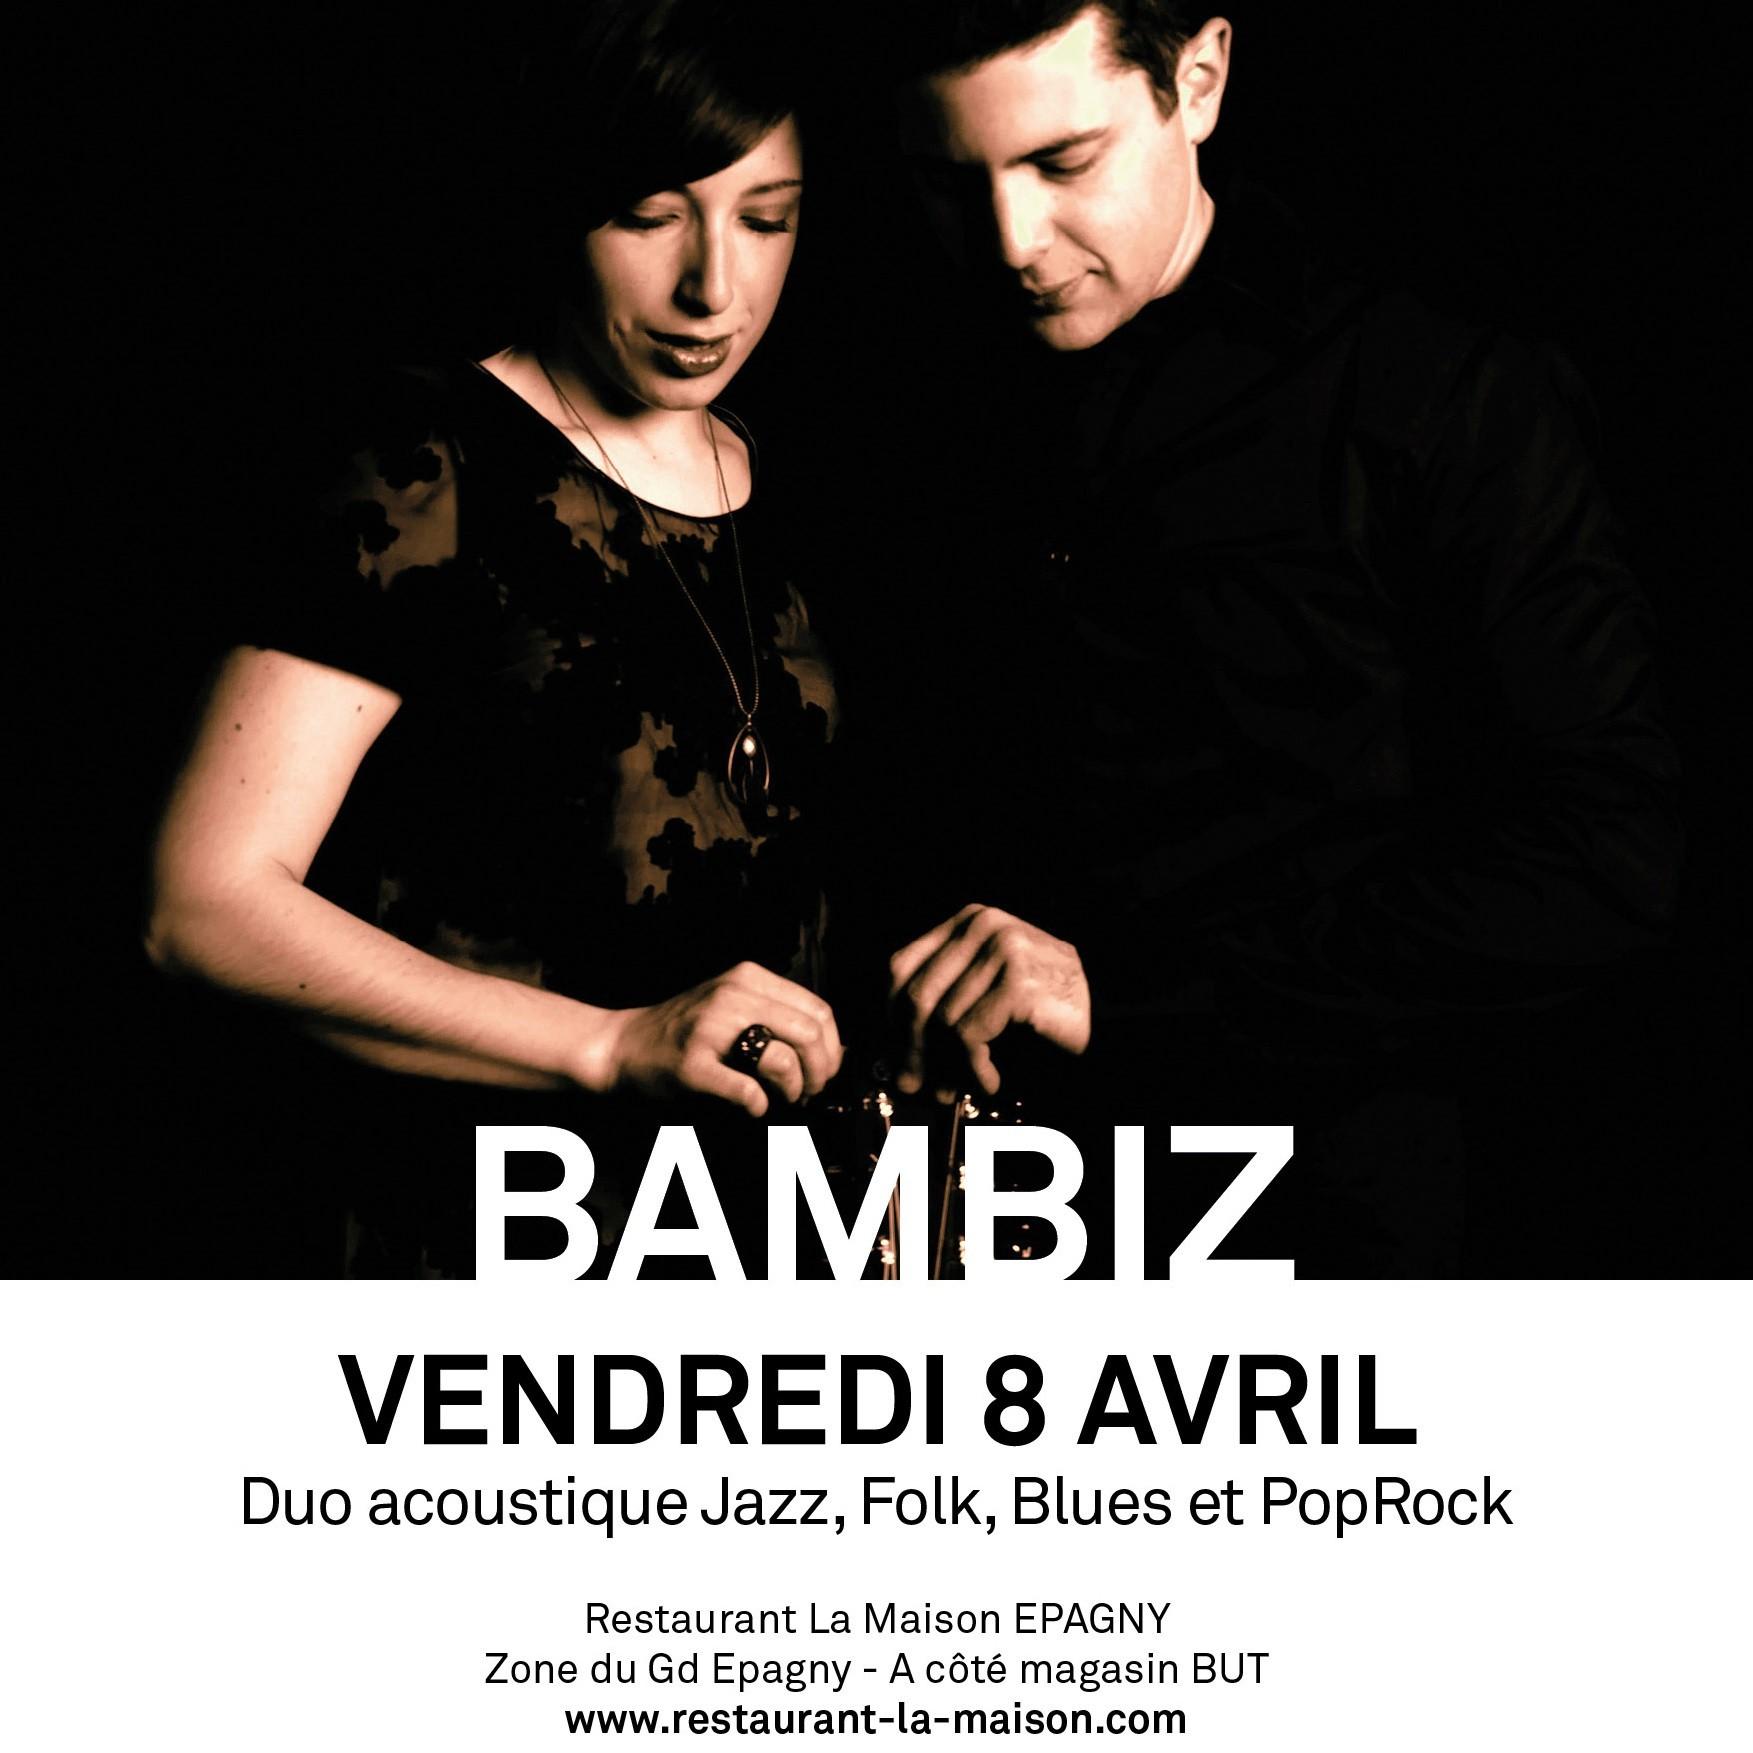 Concert de Bambiz